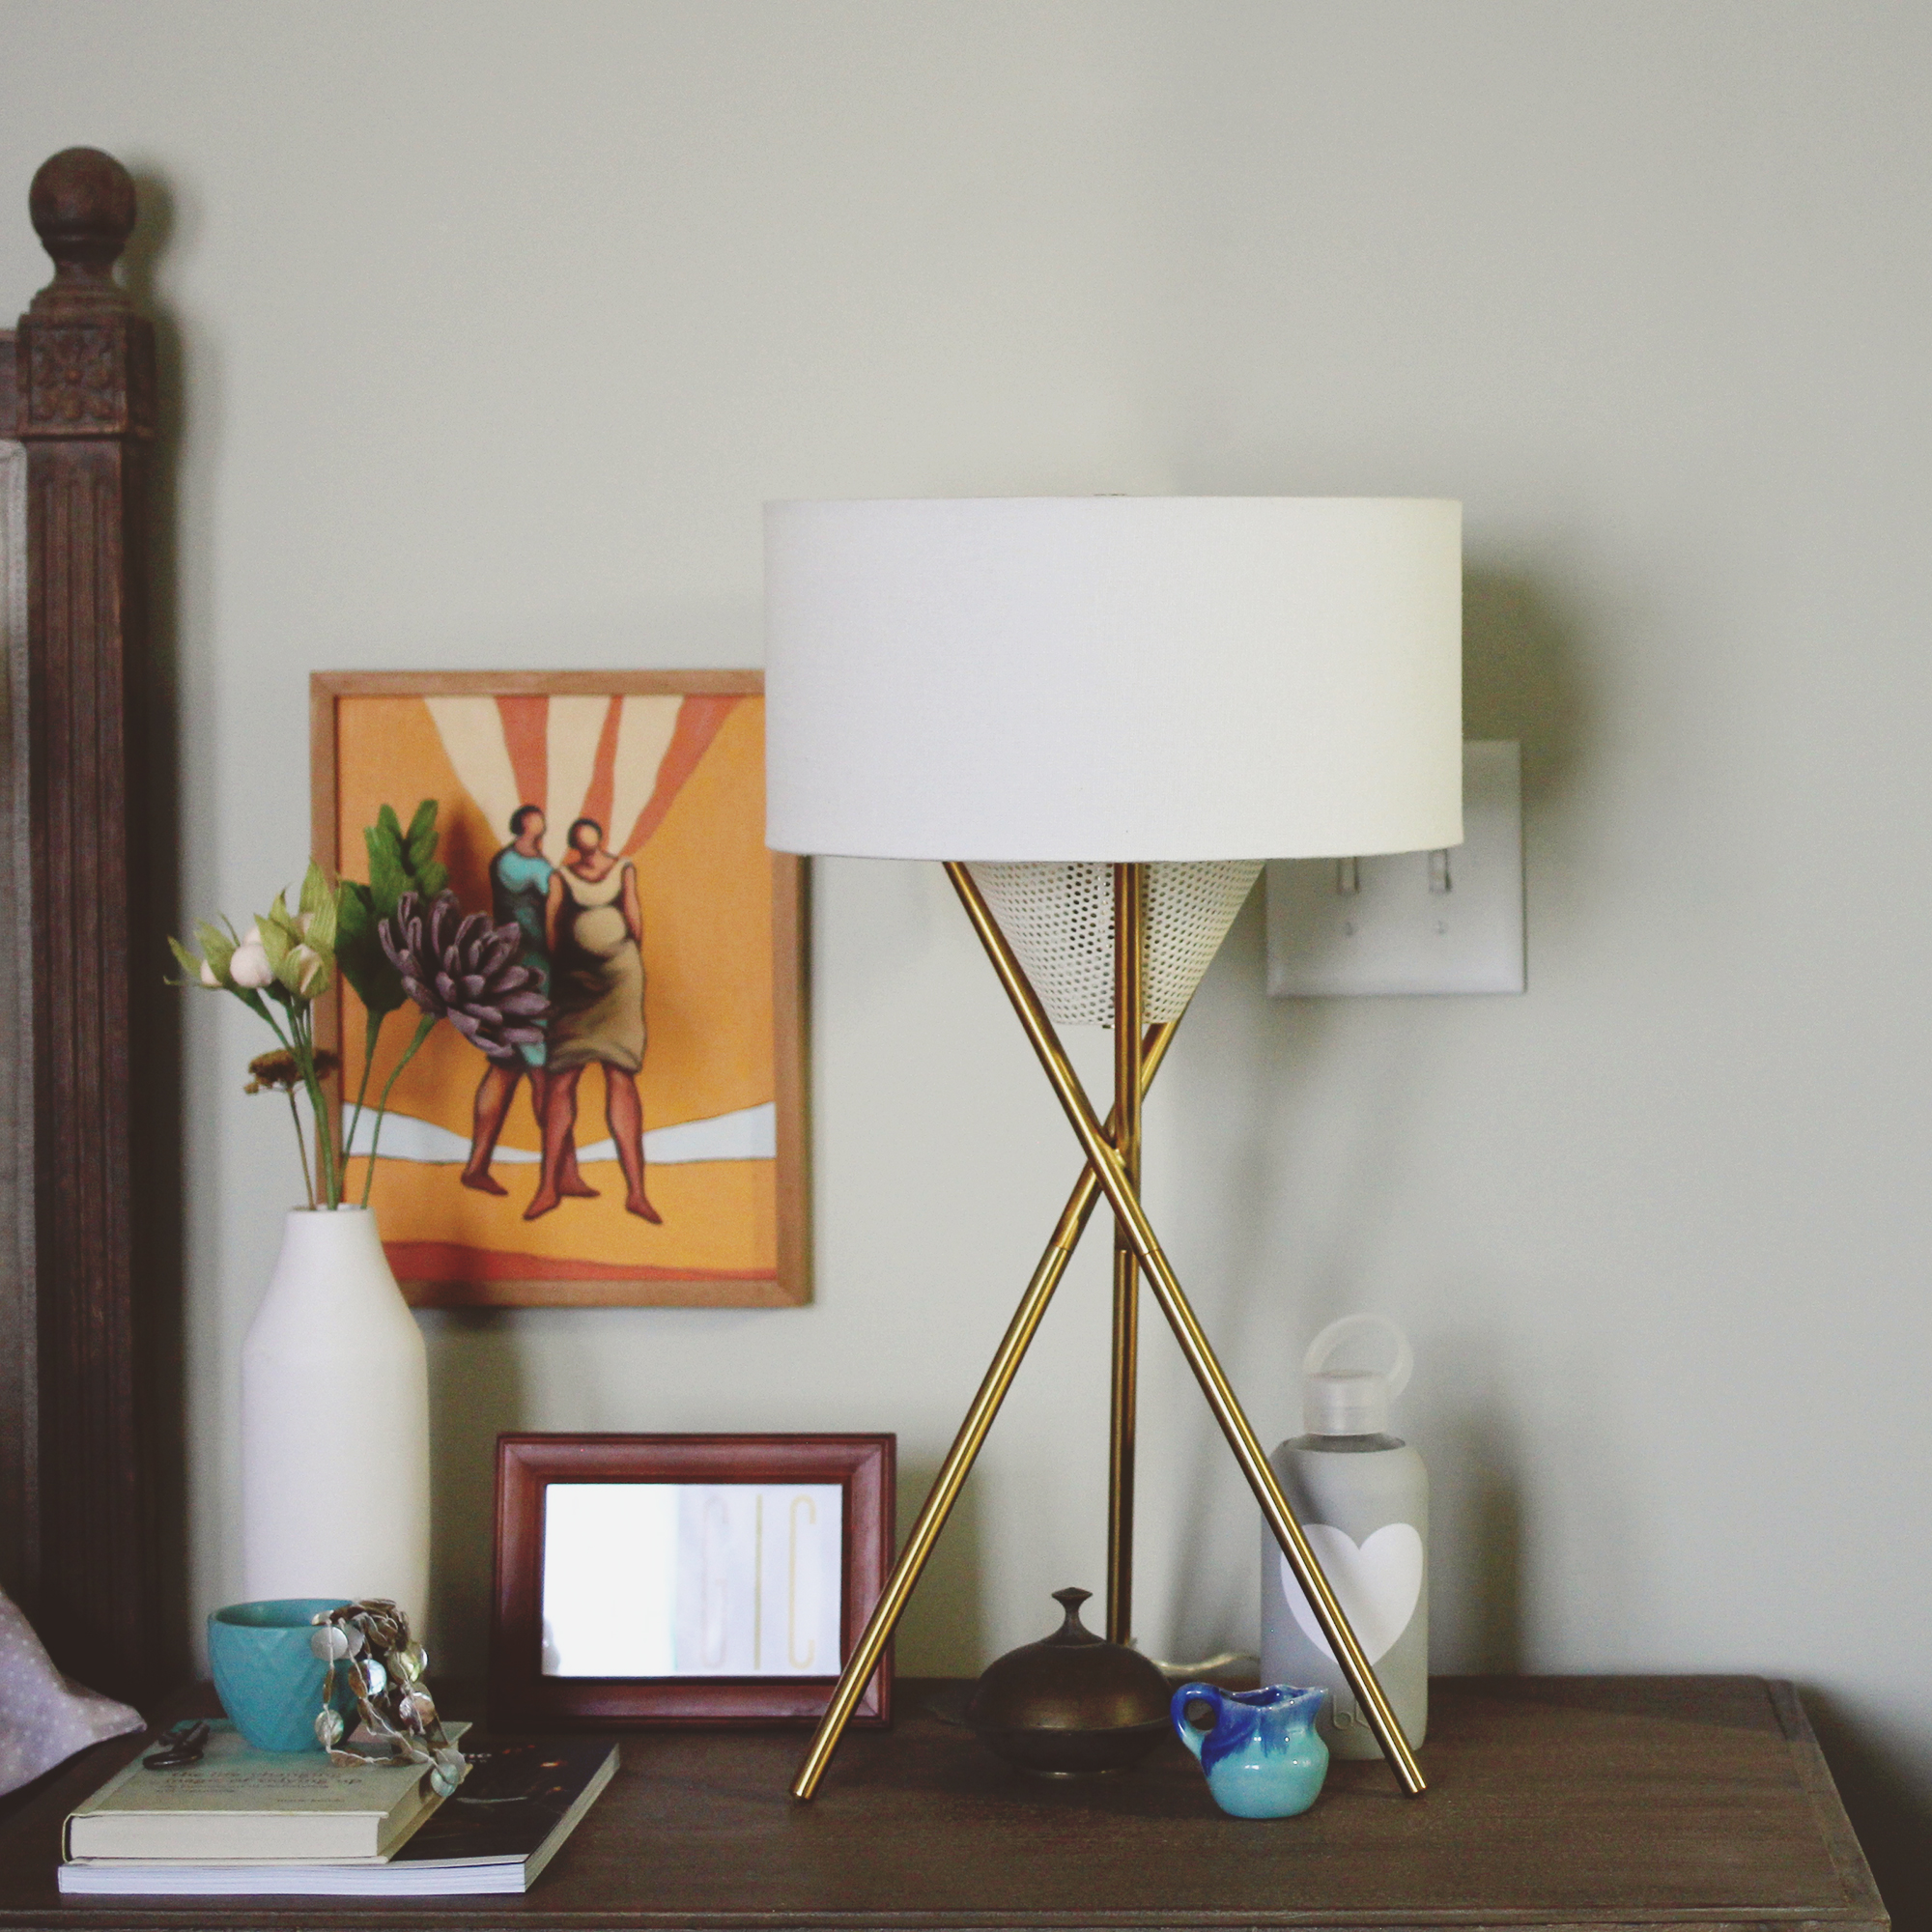 jo-torrijos-a-simpler-design-atlanta-interior-design-ajc-master-bedroom-styled-27.jpg